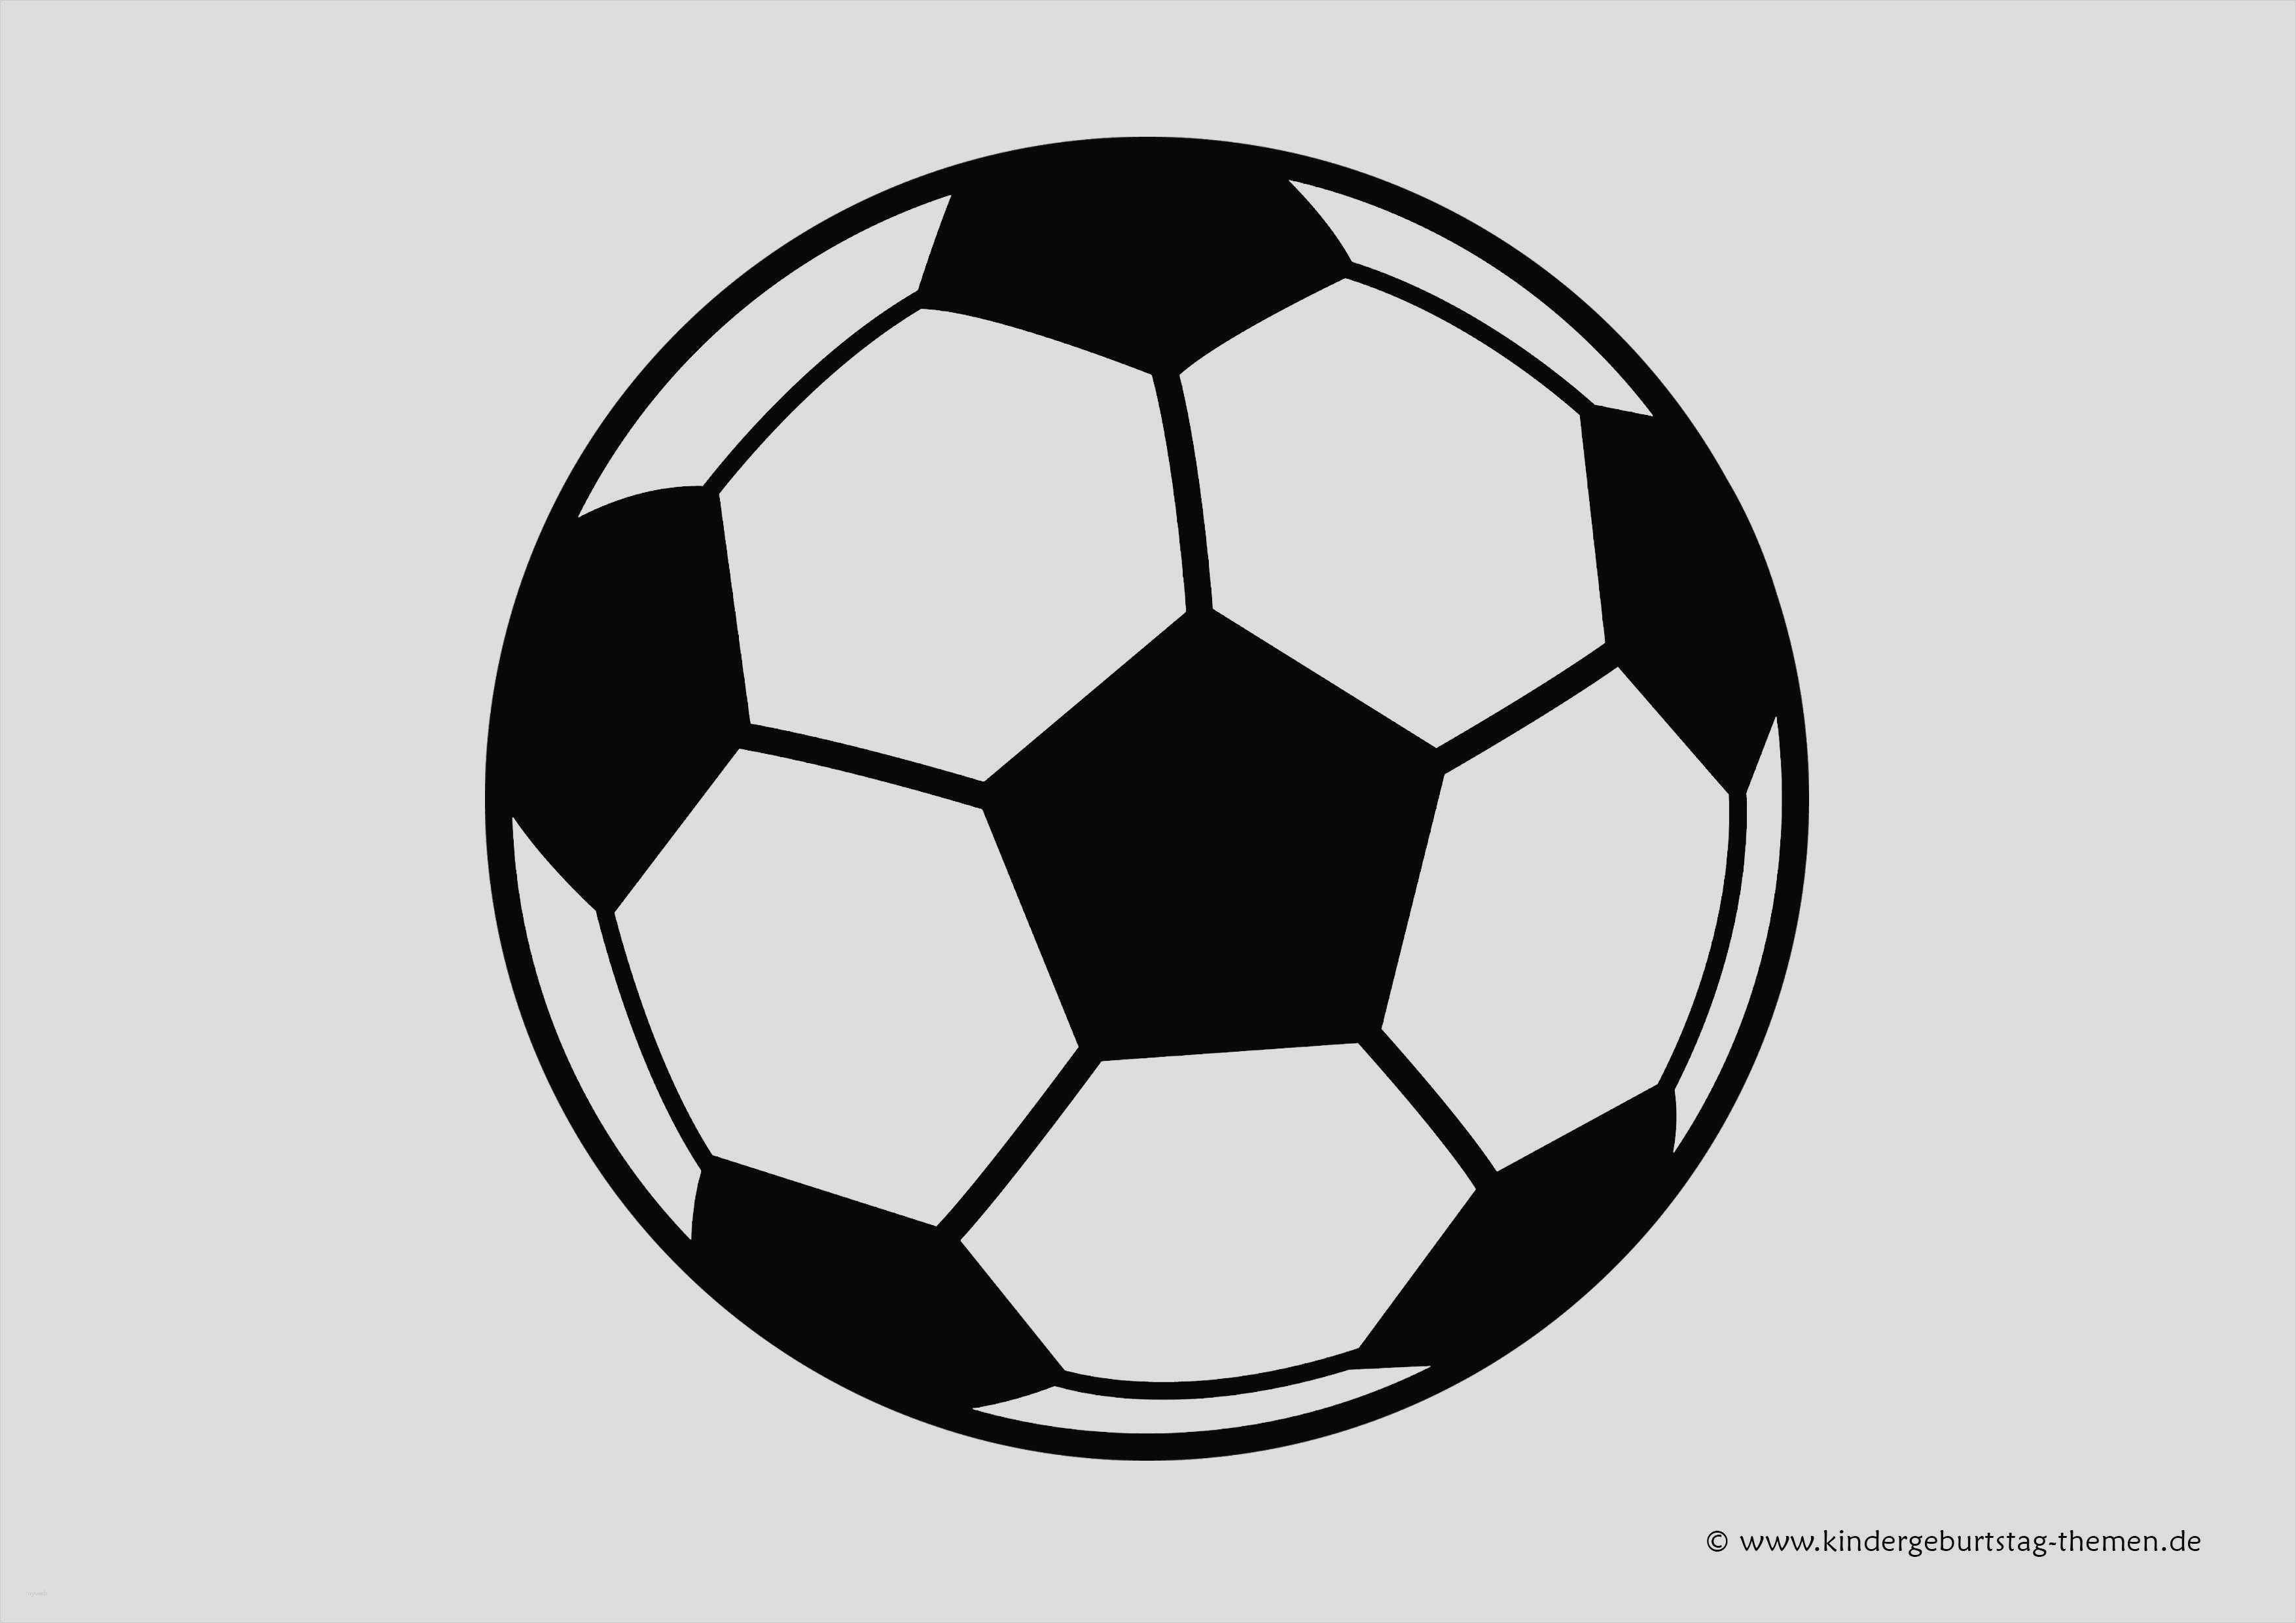 Suss Fussball Aufstellung Vorlage Ebendiese Konnen Anpassen In